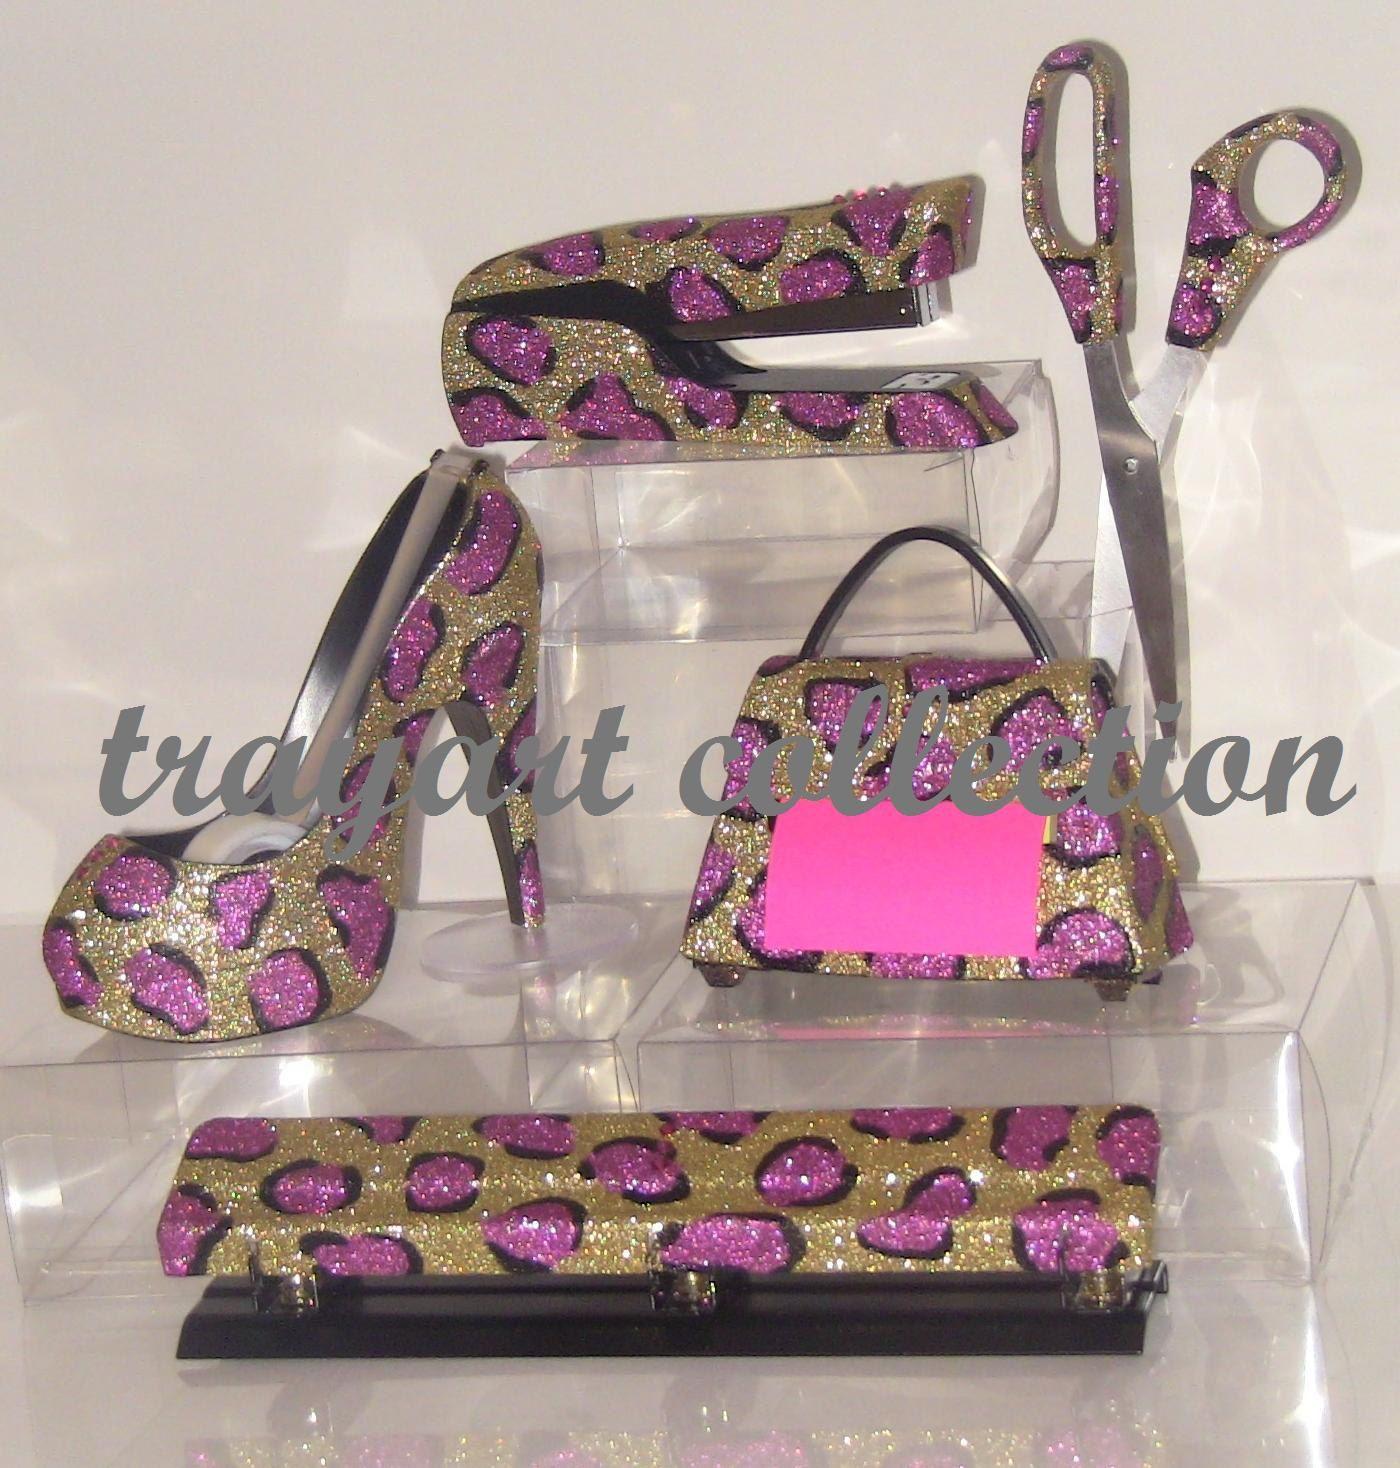 6pcs Pink Gold Leopard Set, Stapler, Scissors, High Heel Tape Dispenser,  Purse